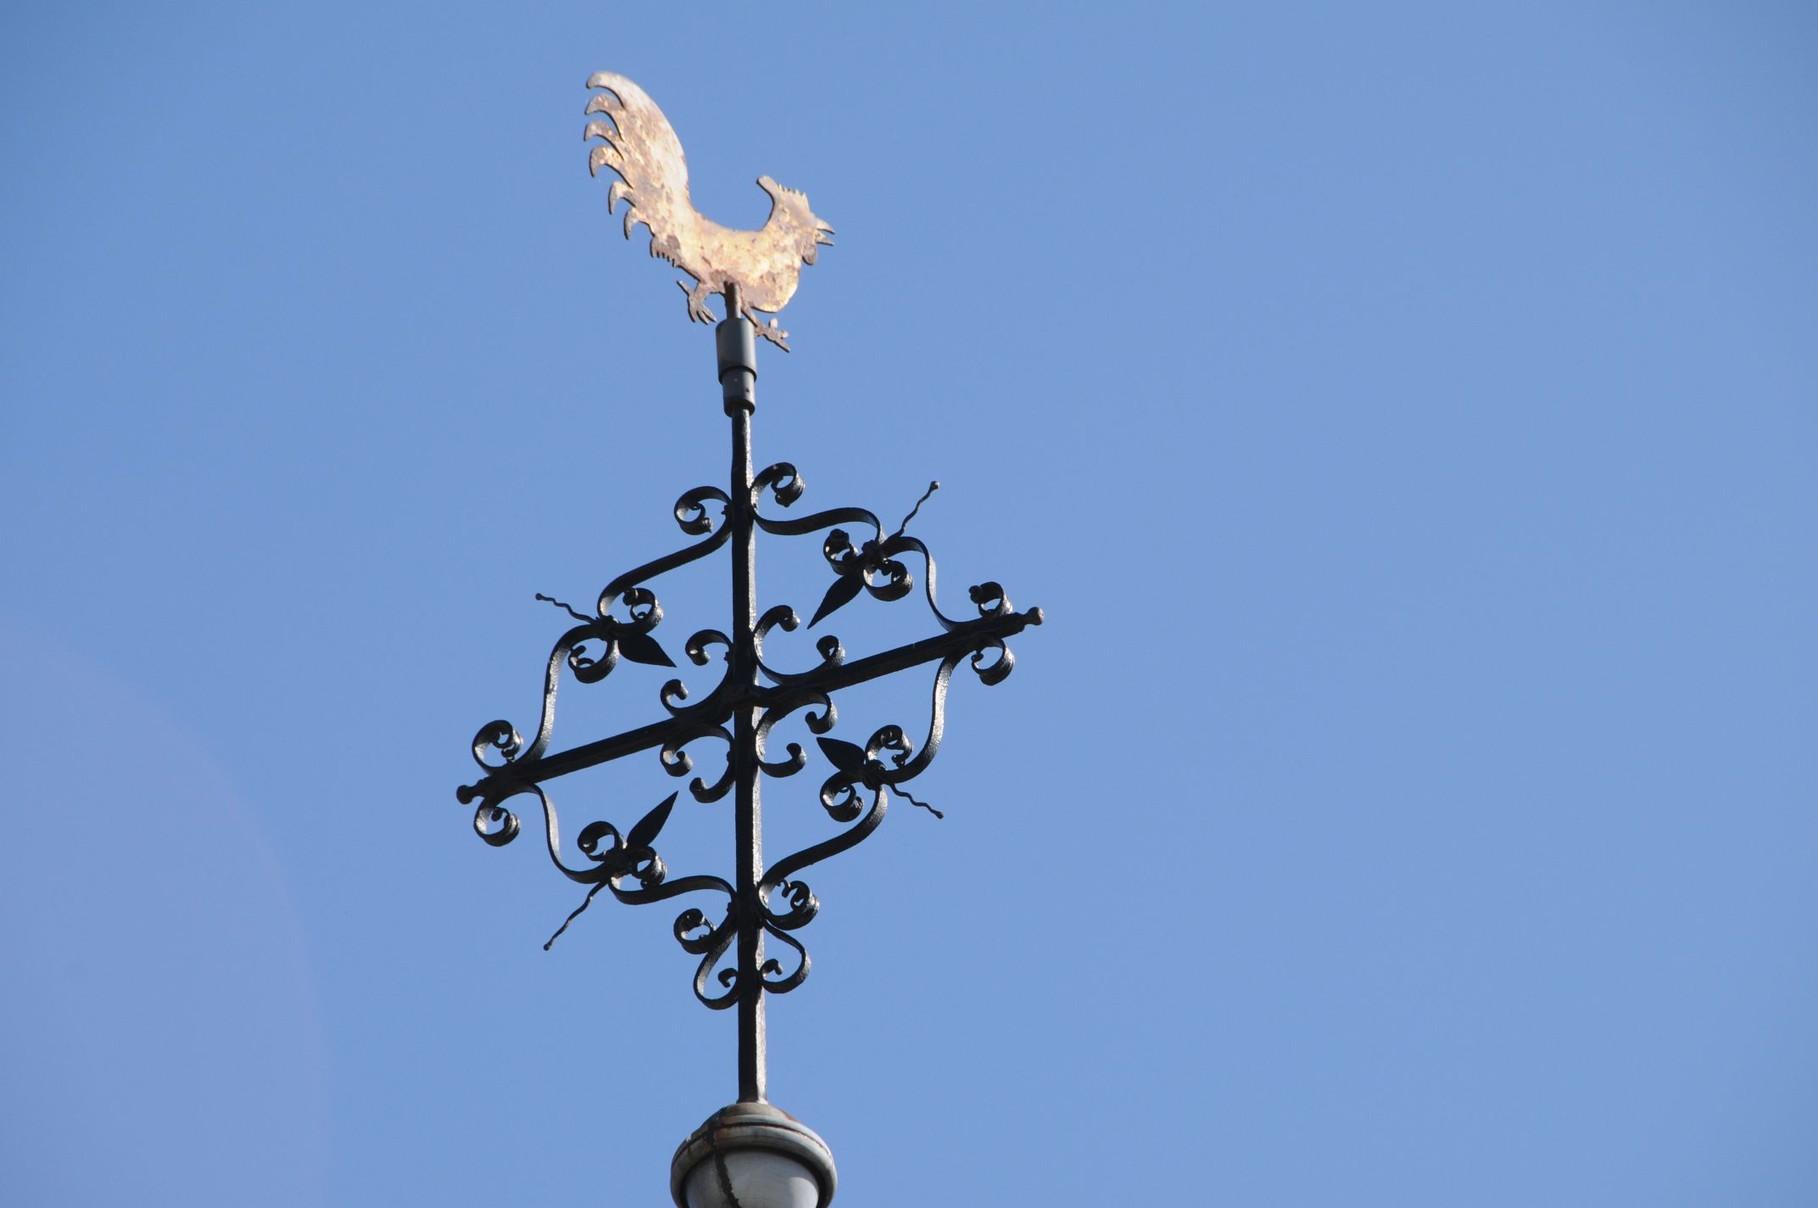 Der Hahn thronend auf der Kapelle